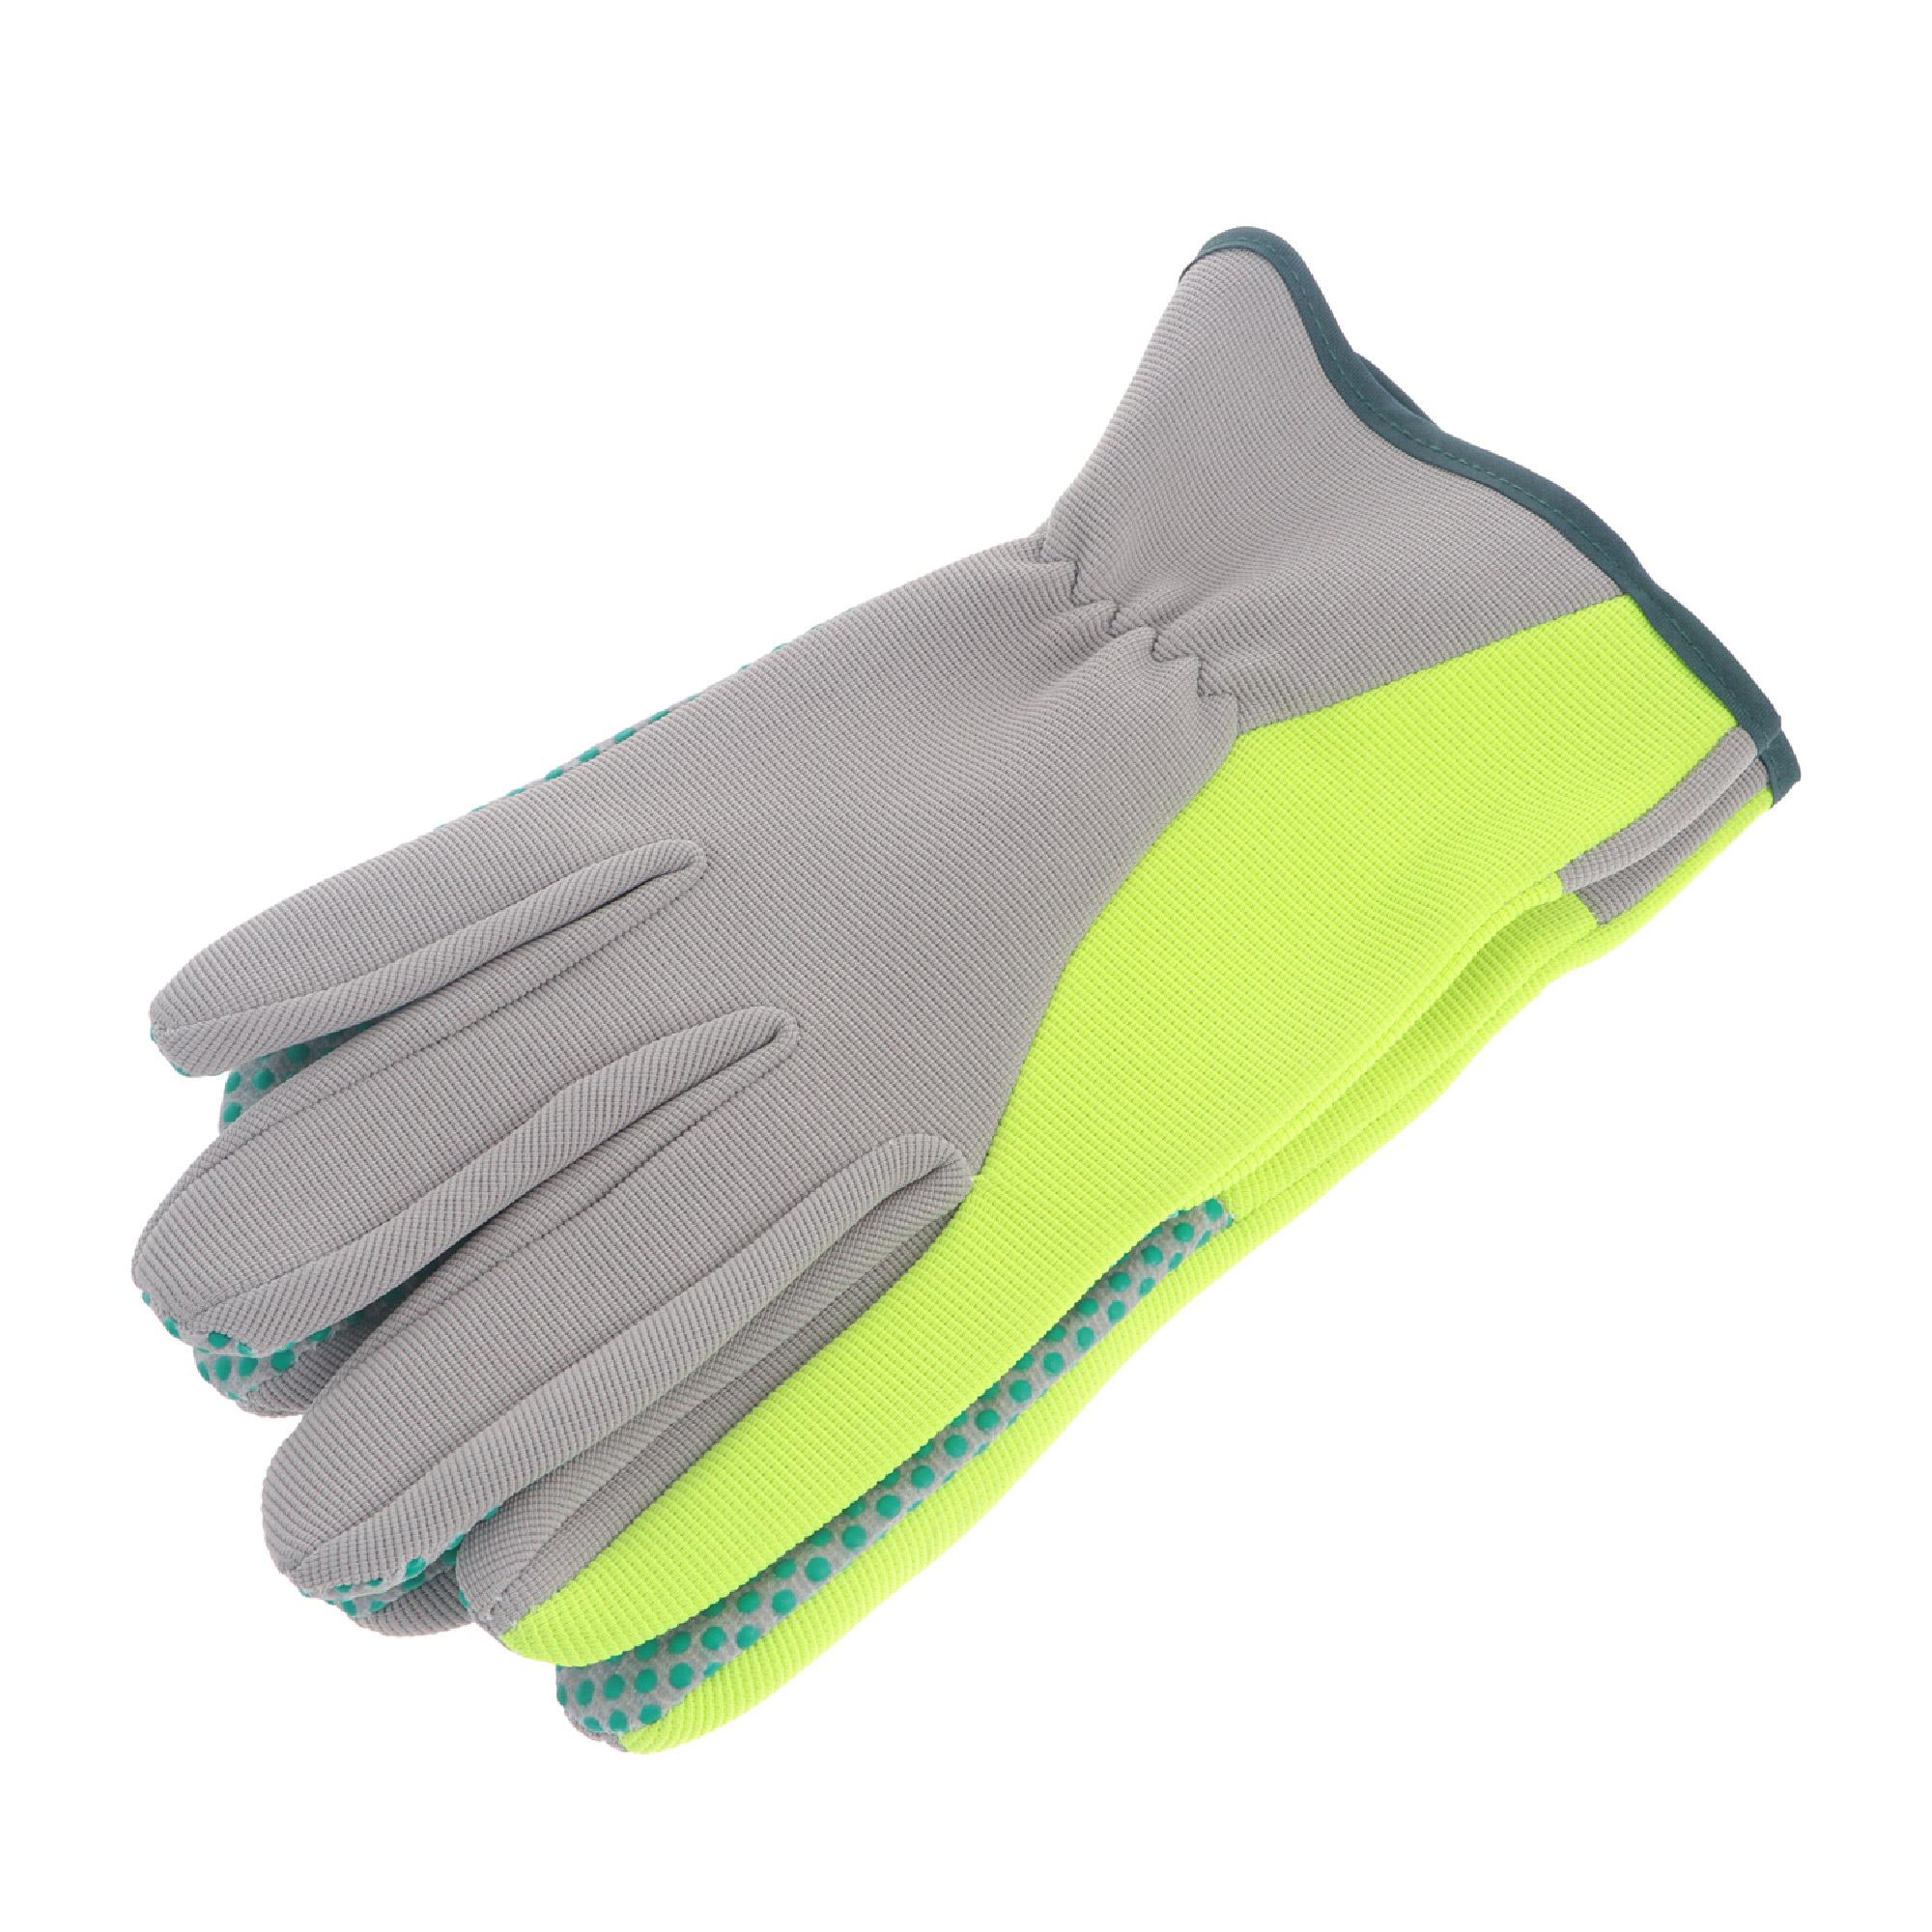 Фото - Перчатки садовые Verdemax серо-зеленые L перчатки садовые verdemax серо зеленые m